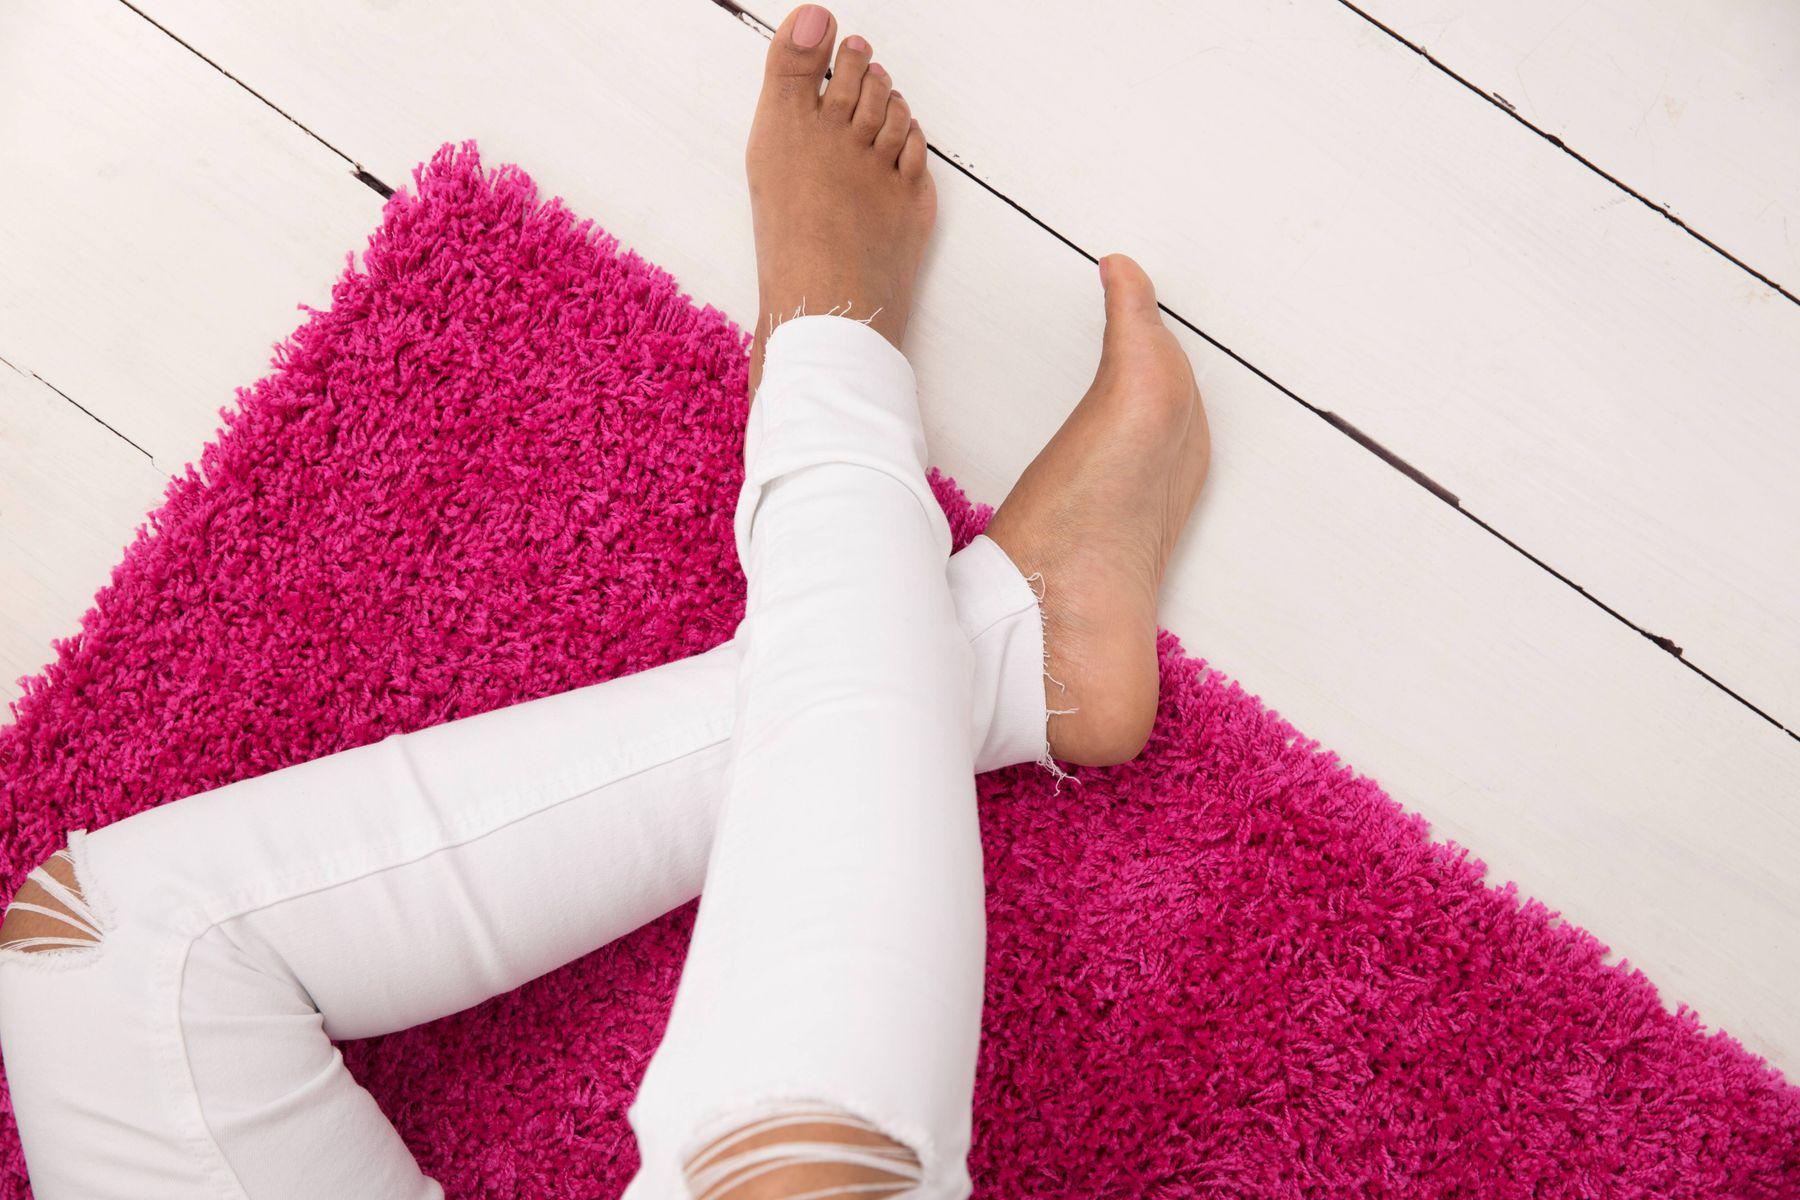 persona con pantalones blancos sentada en el piso